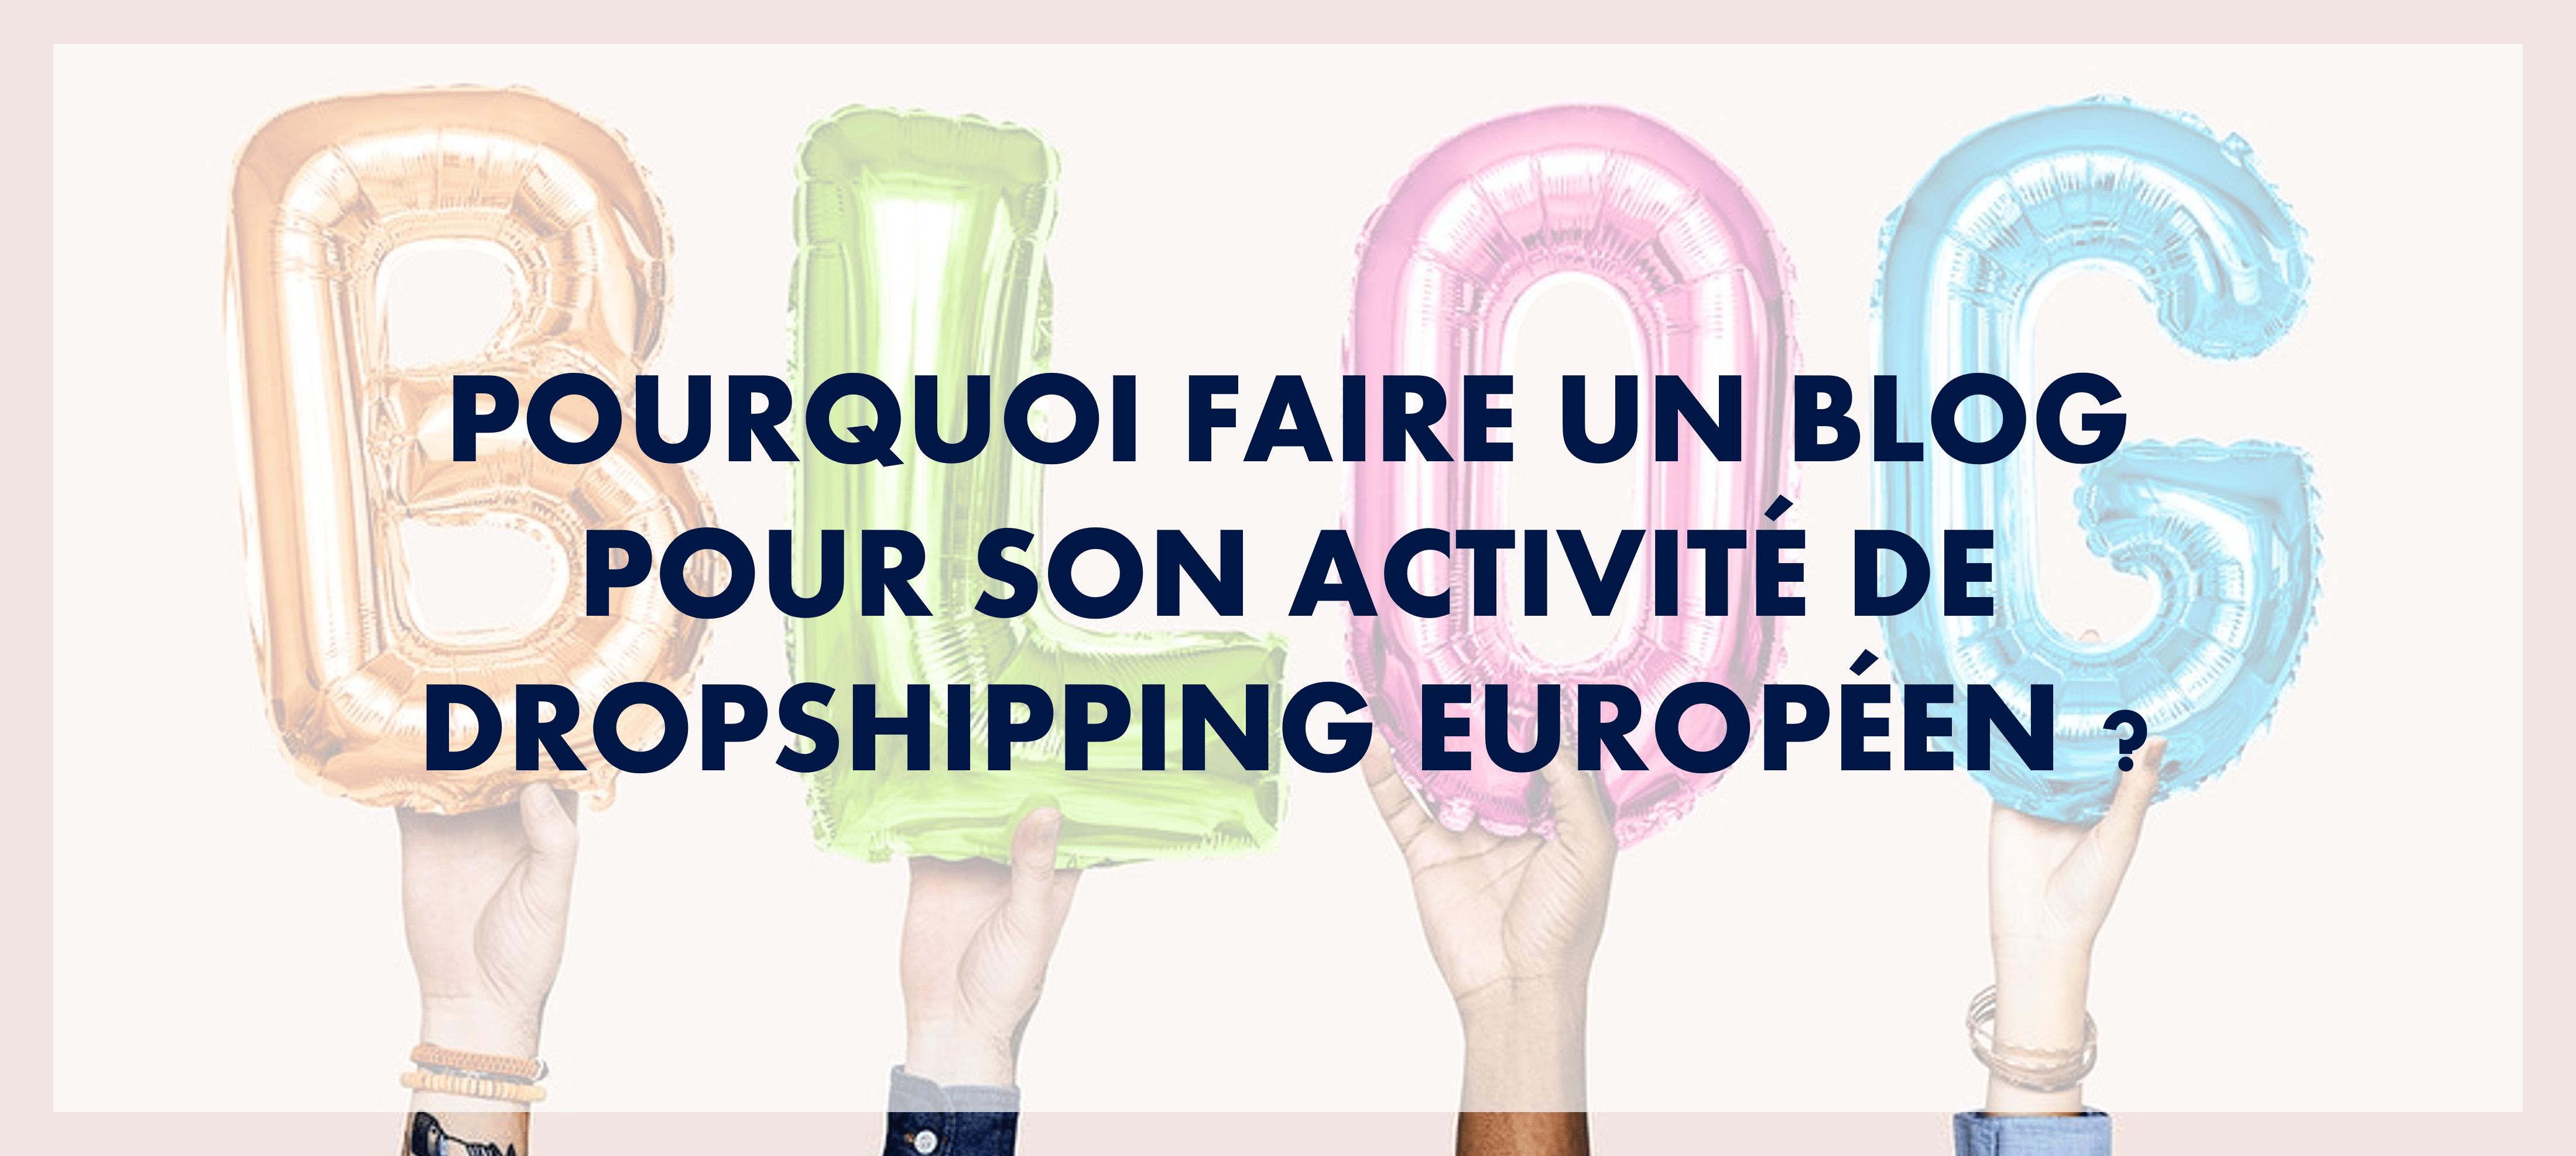 Pourquoi faire un blog pour son activité de dropshipping européen ?